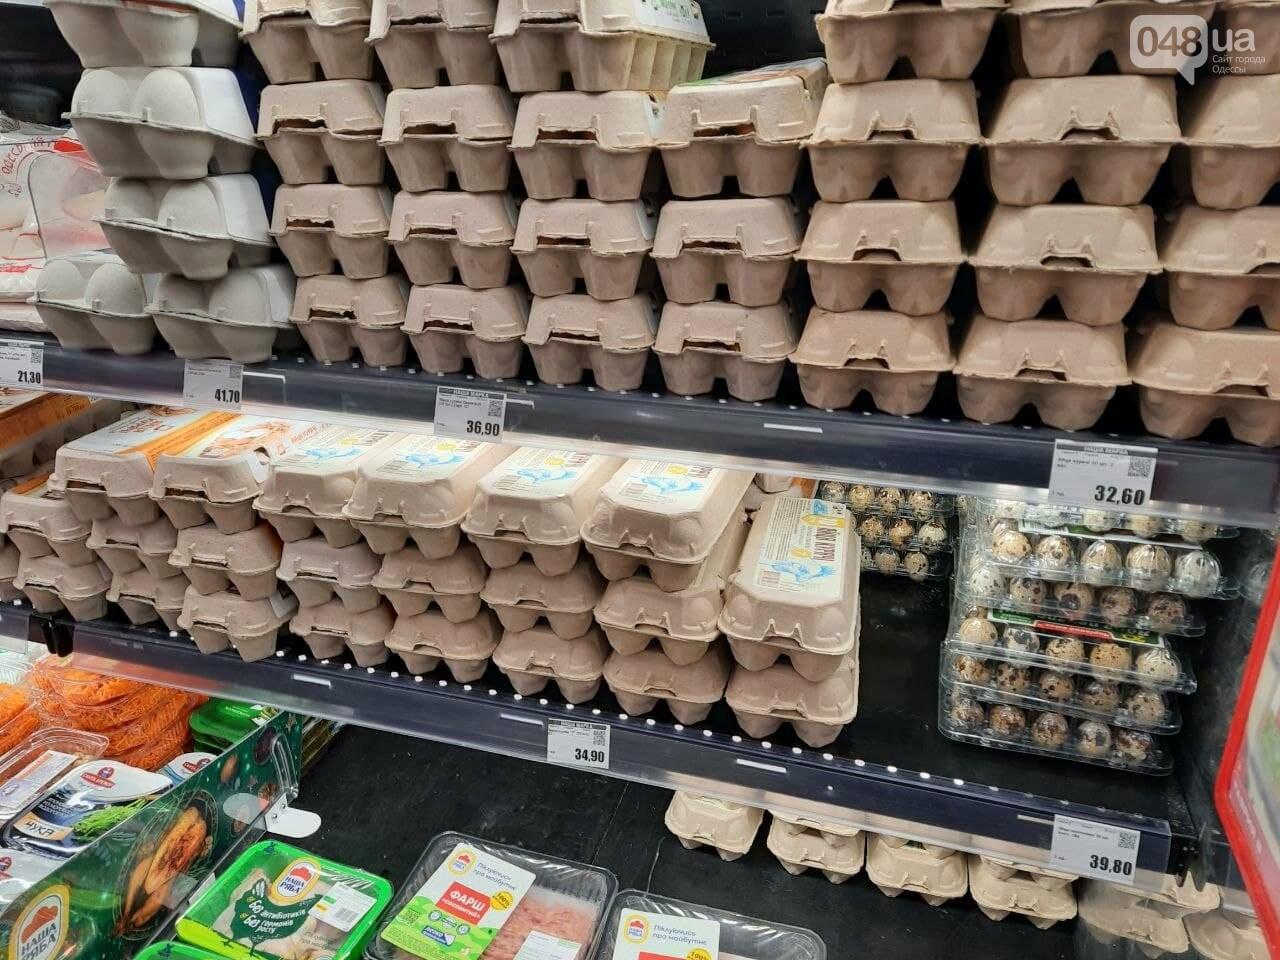 Где купить куриные яйца по самой выгодной цене: супермаркеты Одессы, - ФОТО, фото-1